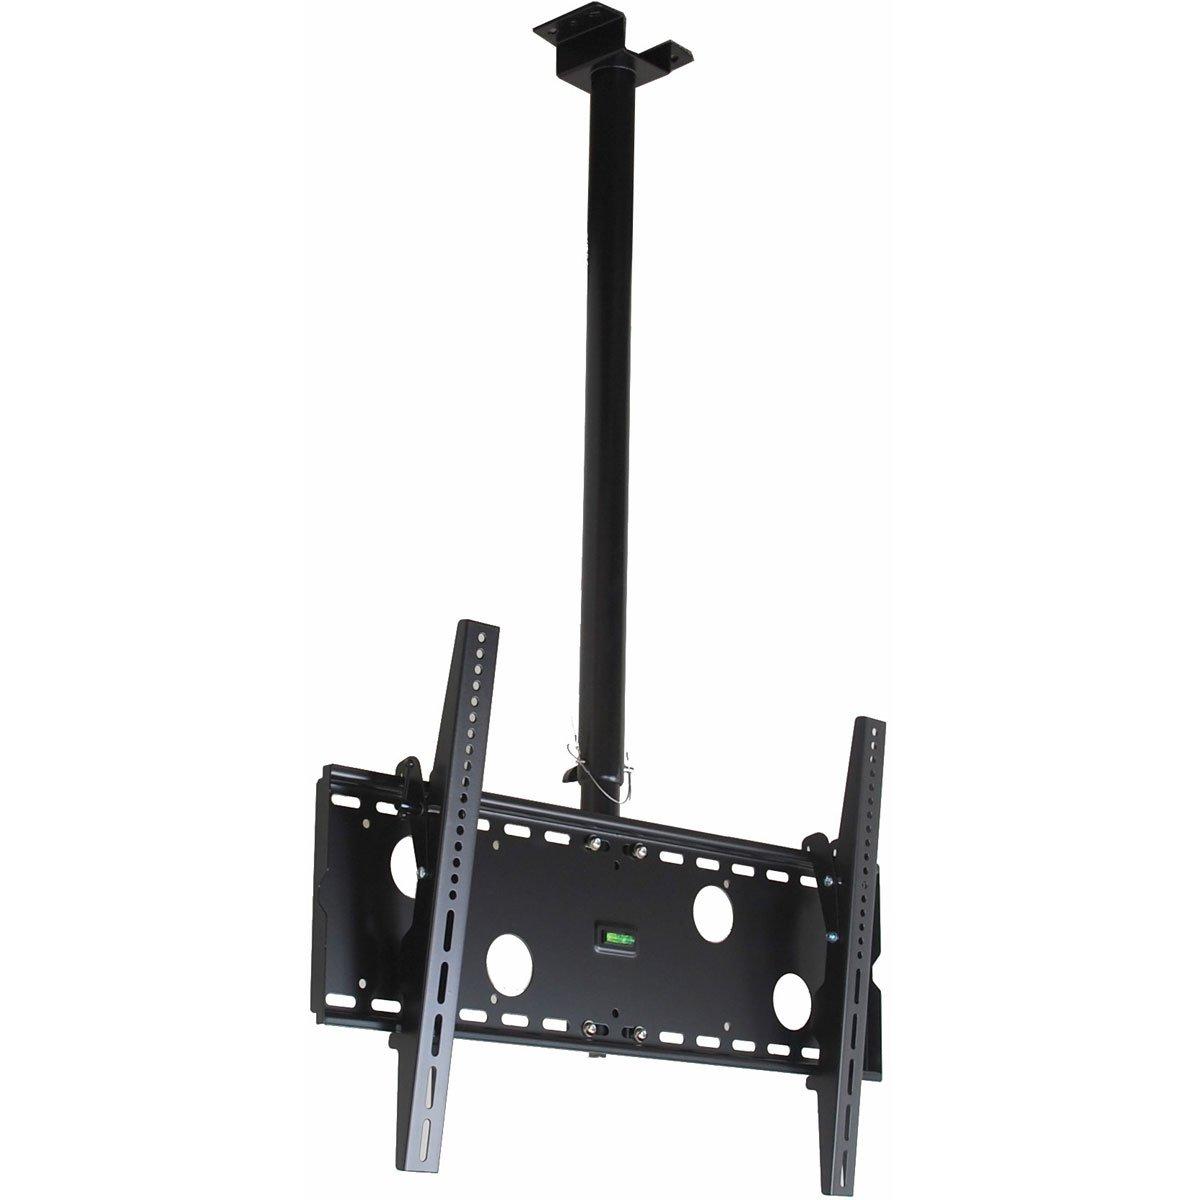 bracket s swivel wall itm loft tv tilt roof flip information seller ceiling mount business down folding